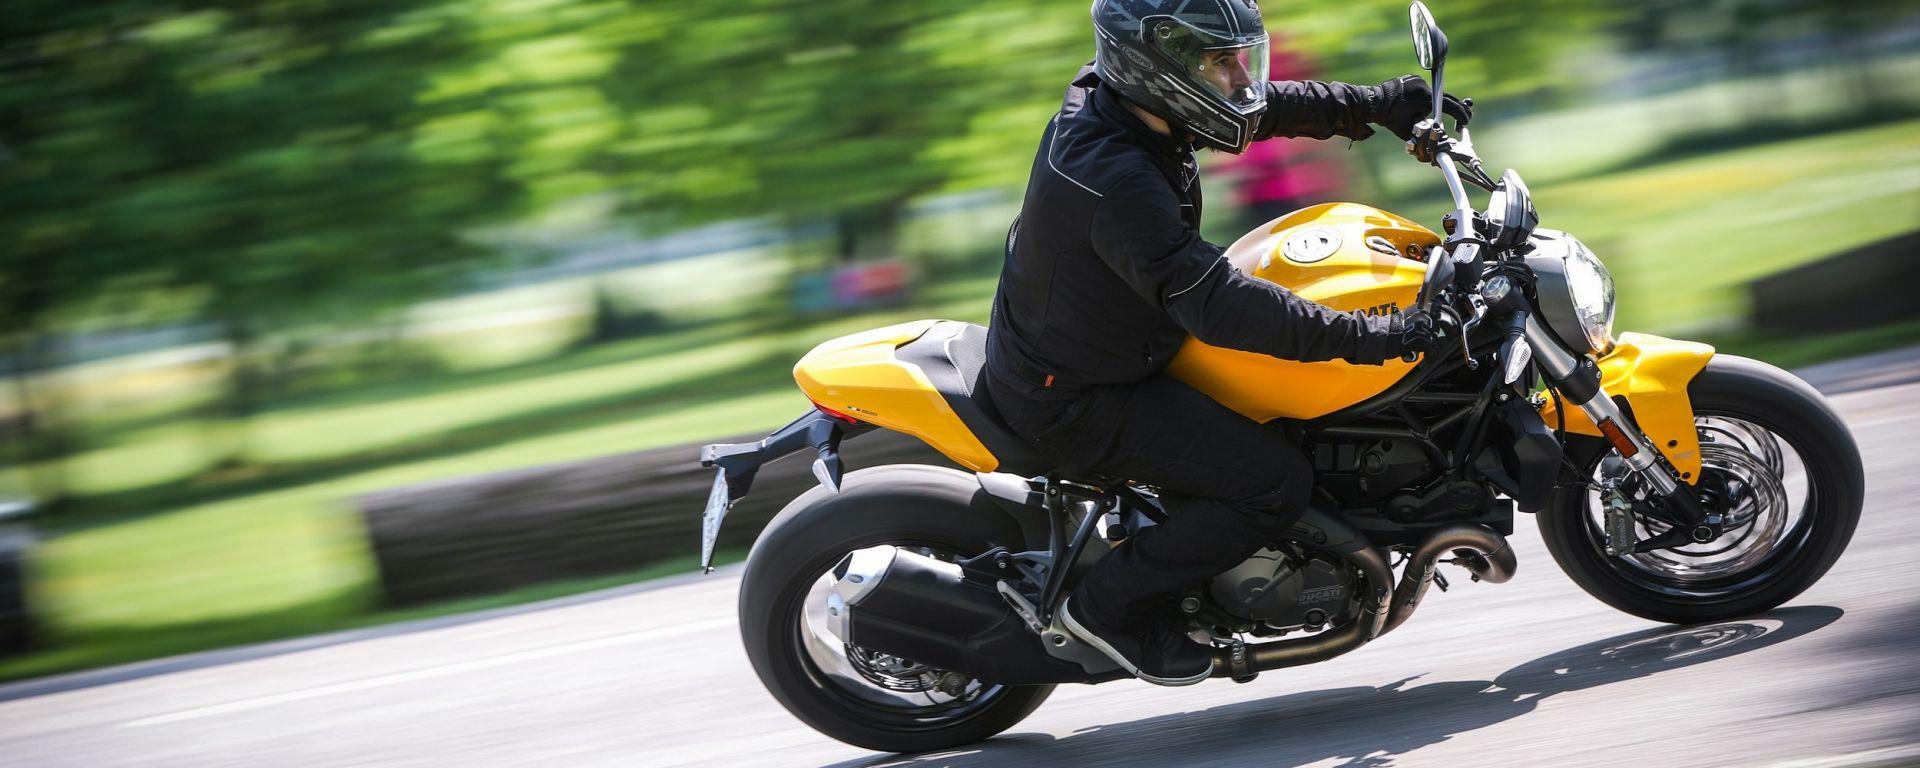 Ducati Monster 821, la nostra prova